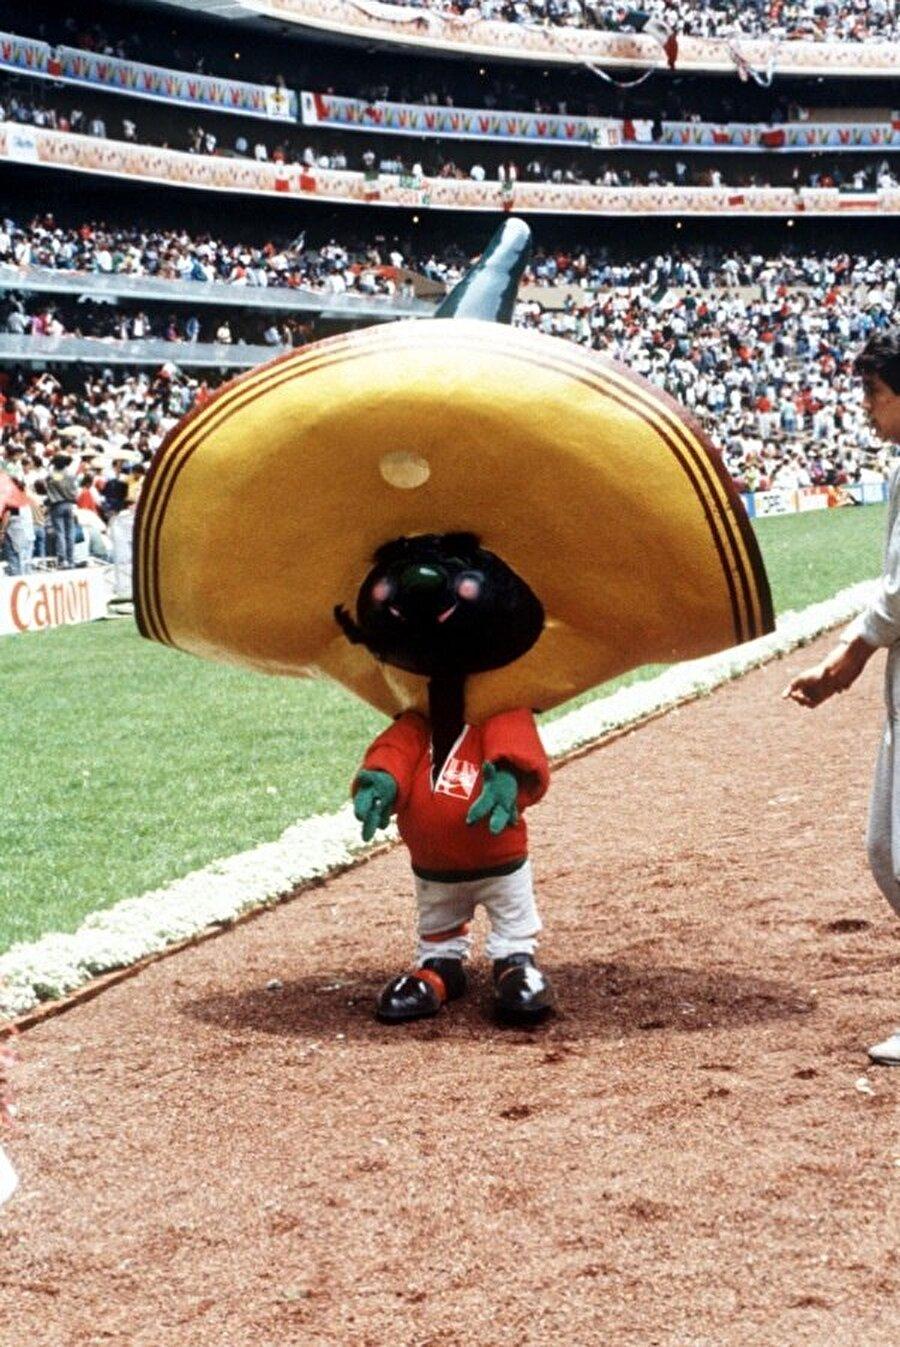 Meksika- Pique 1986 Dünya Kupası, Meksika'nın 16 yıl aradan sonda düzenlediği önemli bir organizasyon. Meksikalı yöneticiler bu kez maskot olarak dev bir biber kullanmayı tercih etti. Pique isimli maskot, ülkesine pek de uğurlu gelmedi. Şampiyonluğu Arjantin kazanırken, Meksika çeyrek finalde turnuvaya veda etti. Öte yandan bu şampiyonada 'Meksika dalgası' ortaya çıktı.